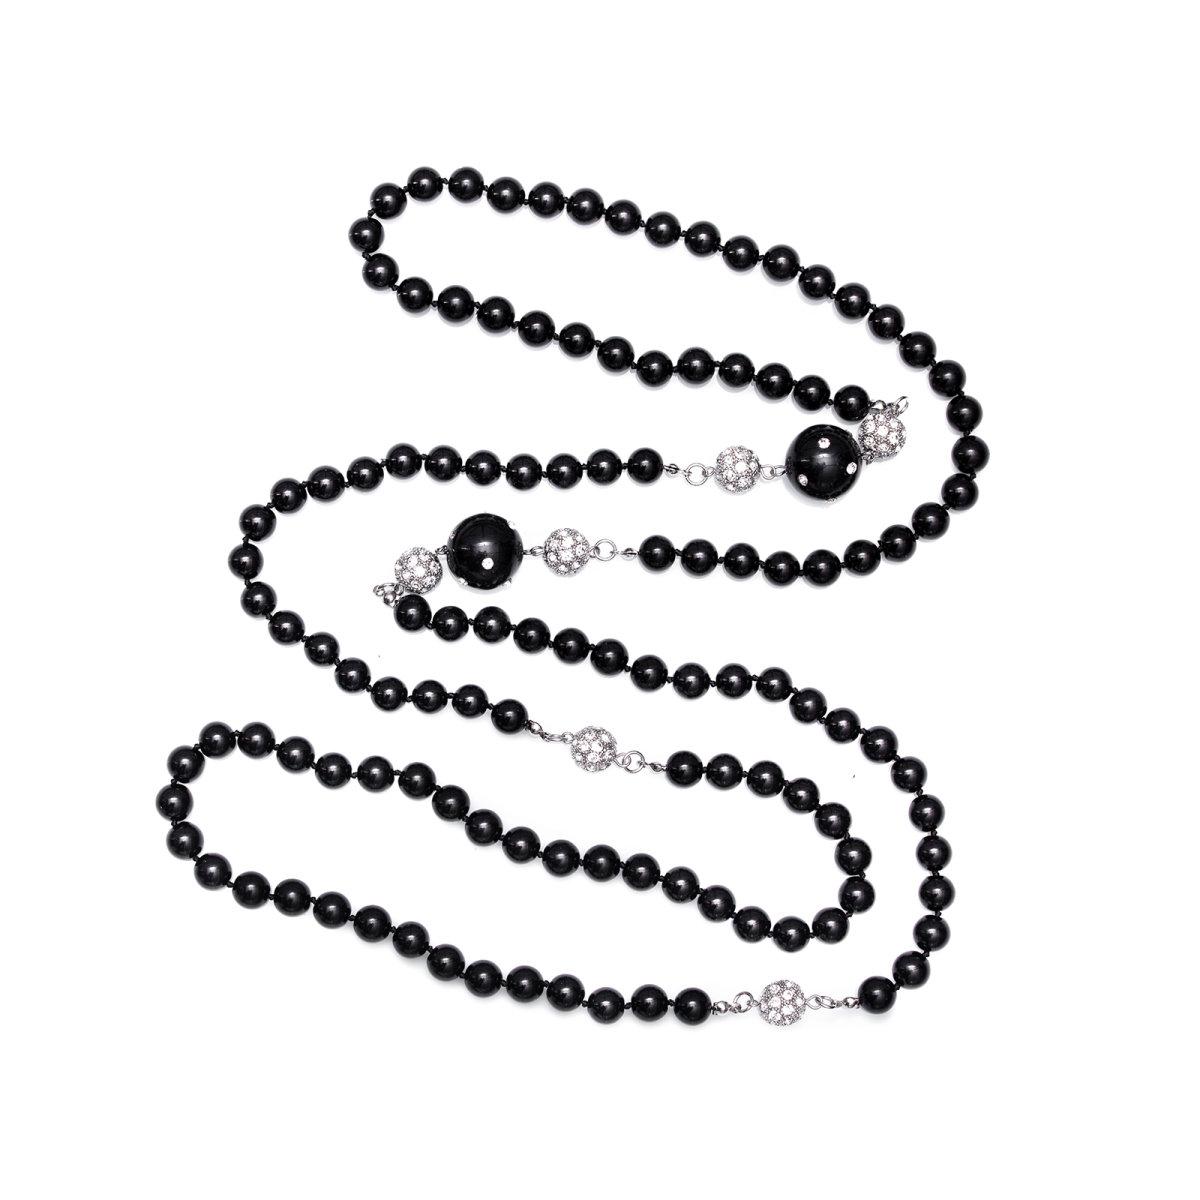 Colier maxi cu detalii tip perle si cristale Negru